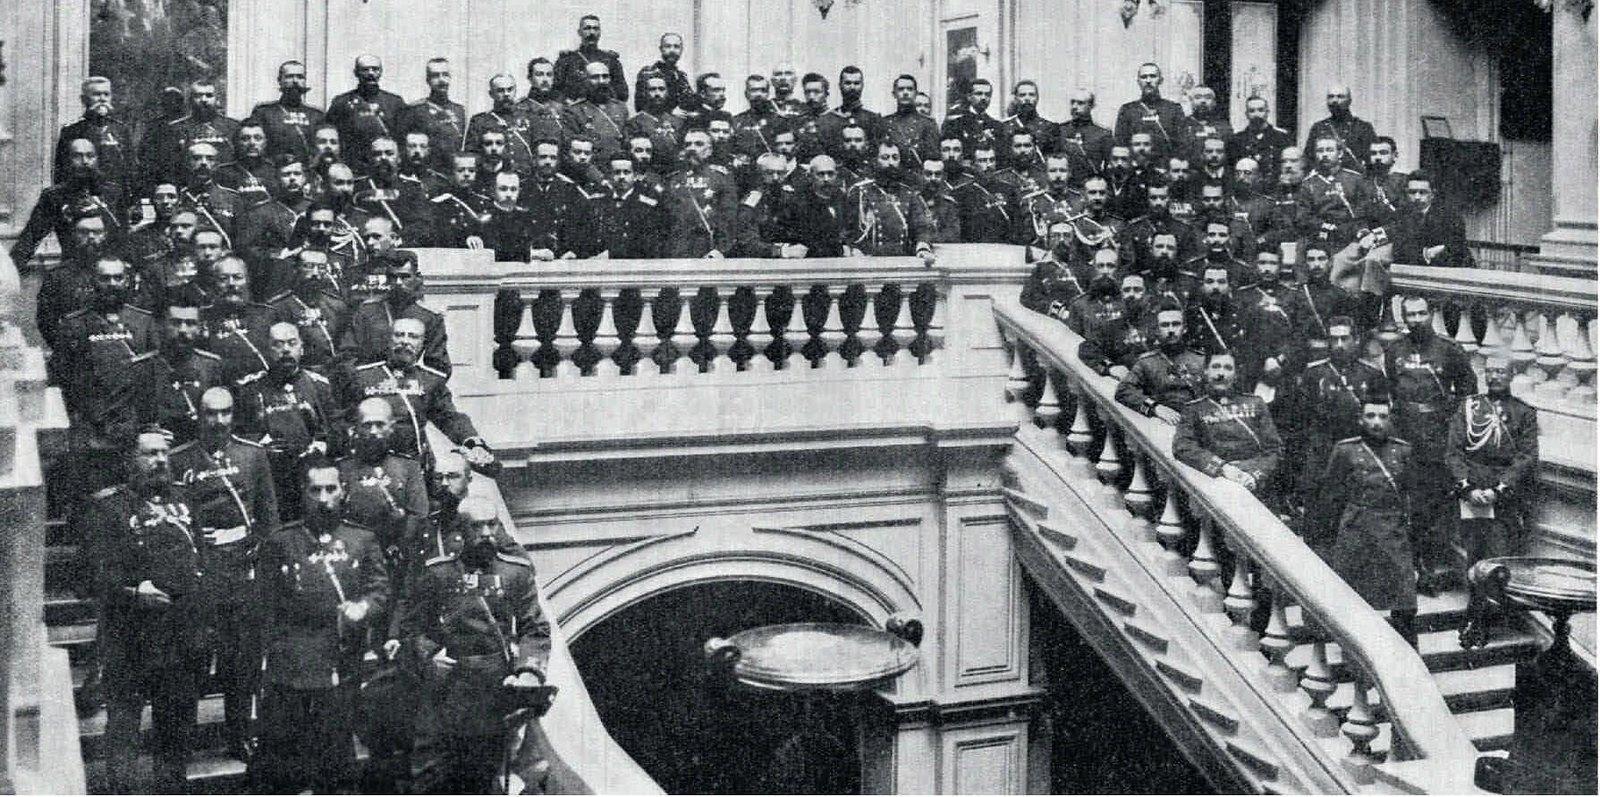 1907. Группа участников обороны Порт-Артура во время процесса над генералом А.М.Стесселем в доме Собрания армии и флота